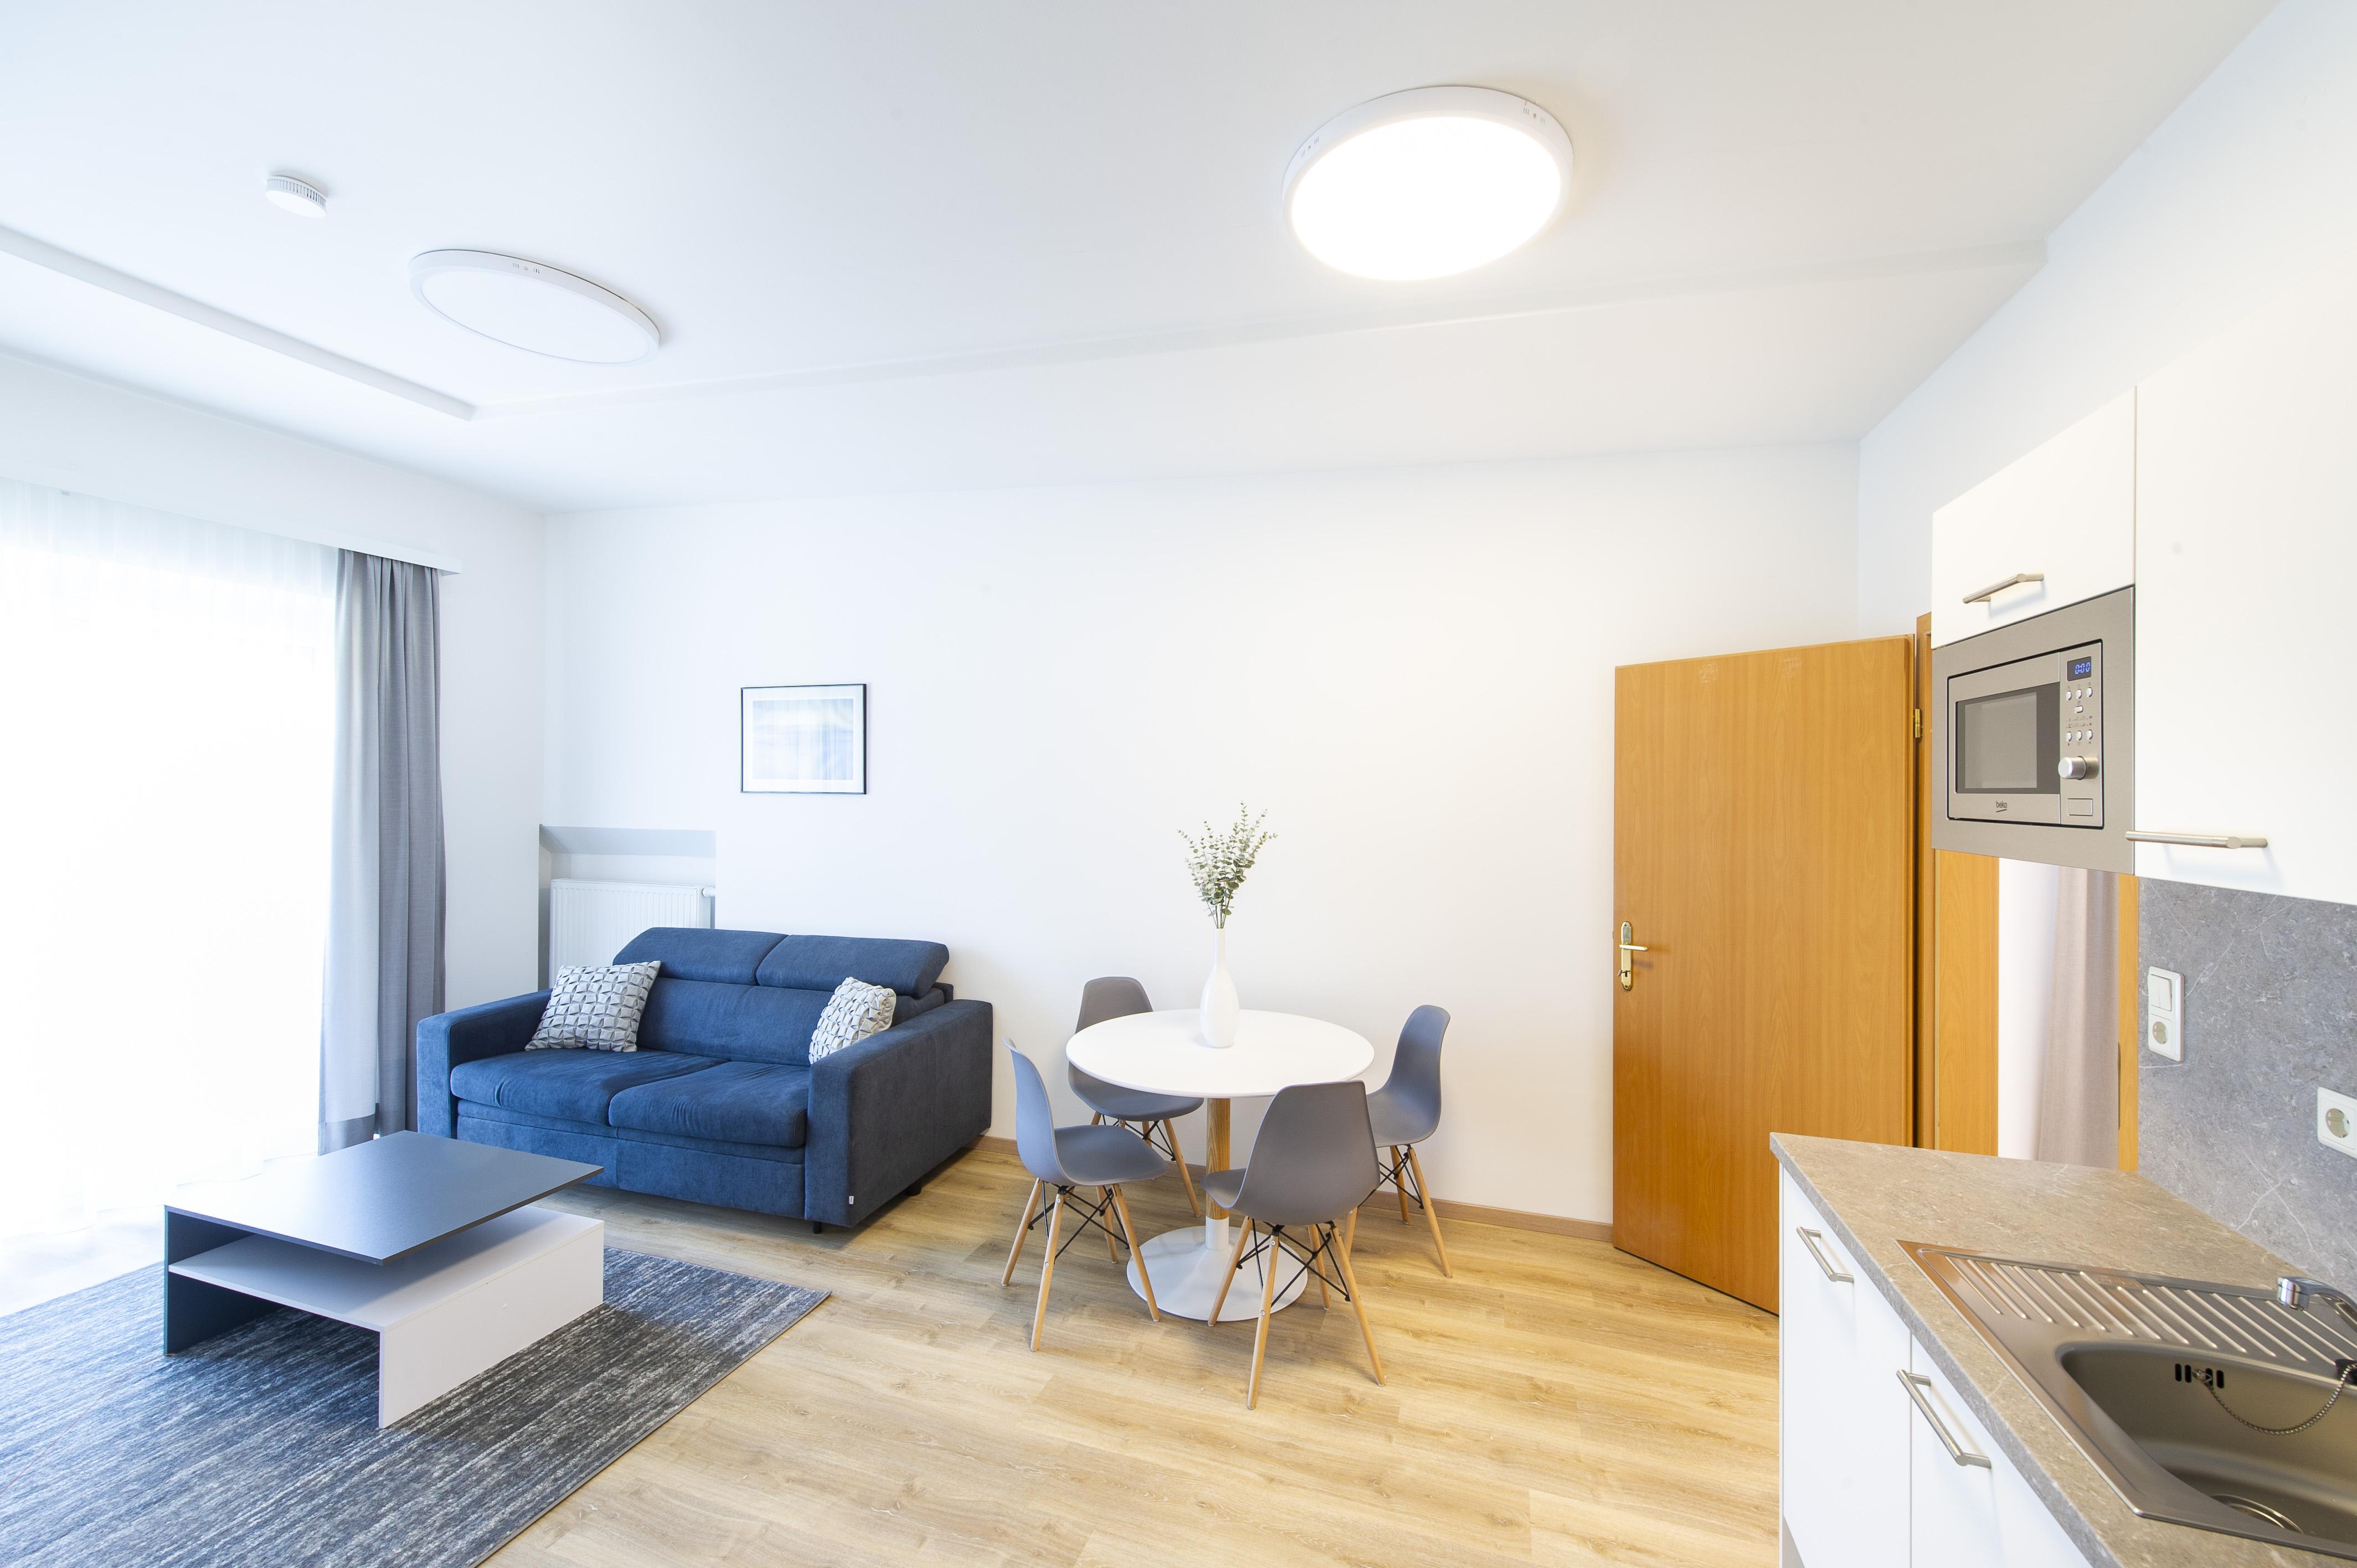 Appartement_Graz_Vorsorgewohnung_ Graz_1_Captura